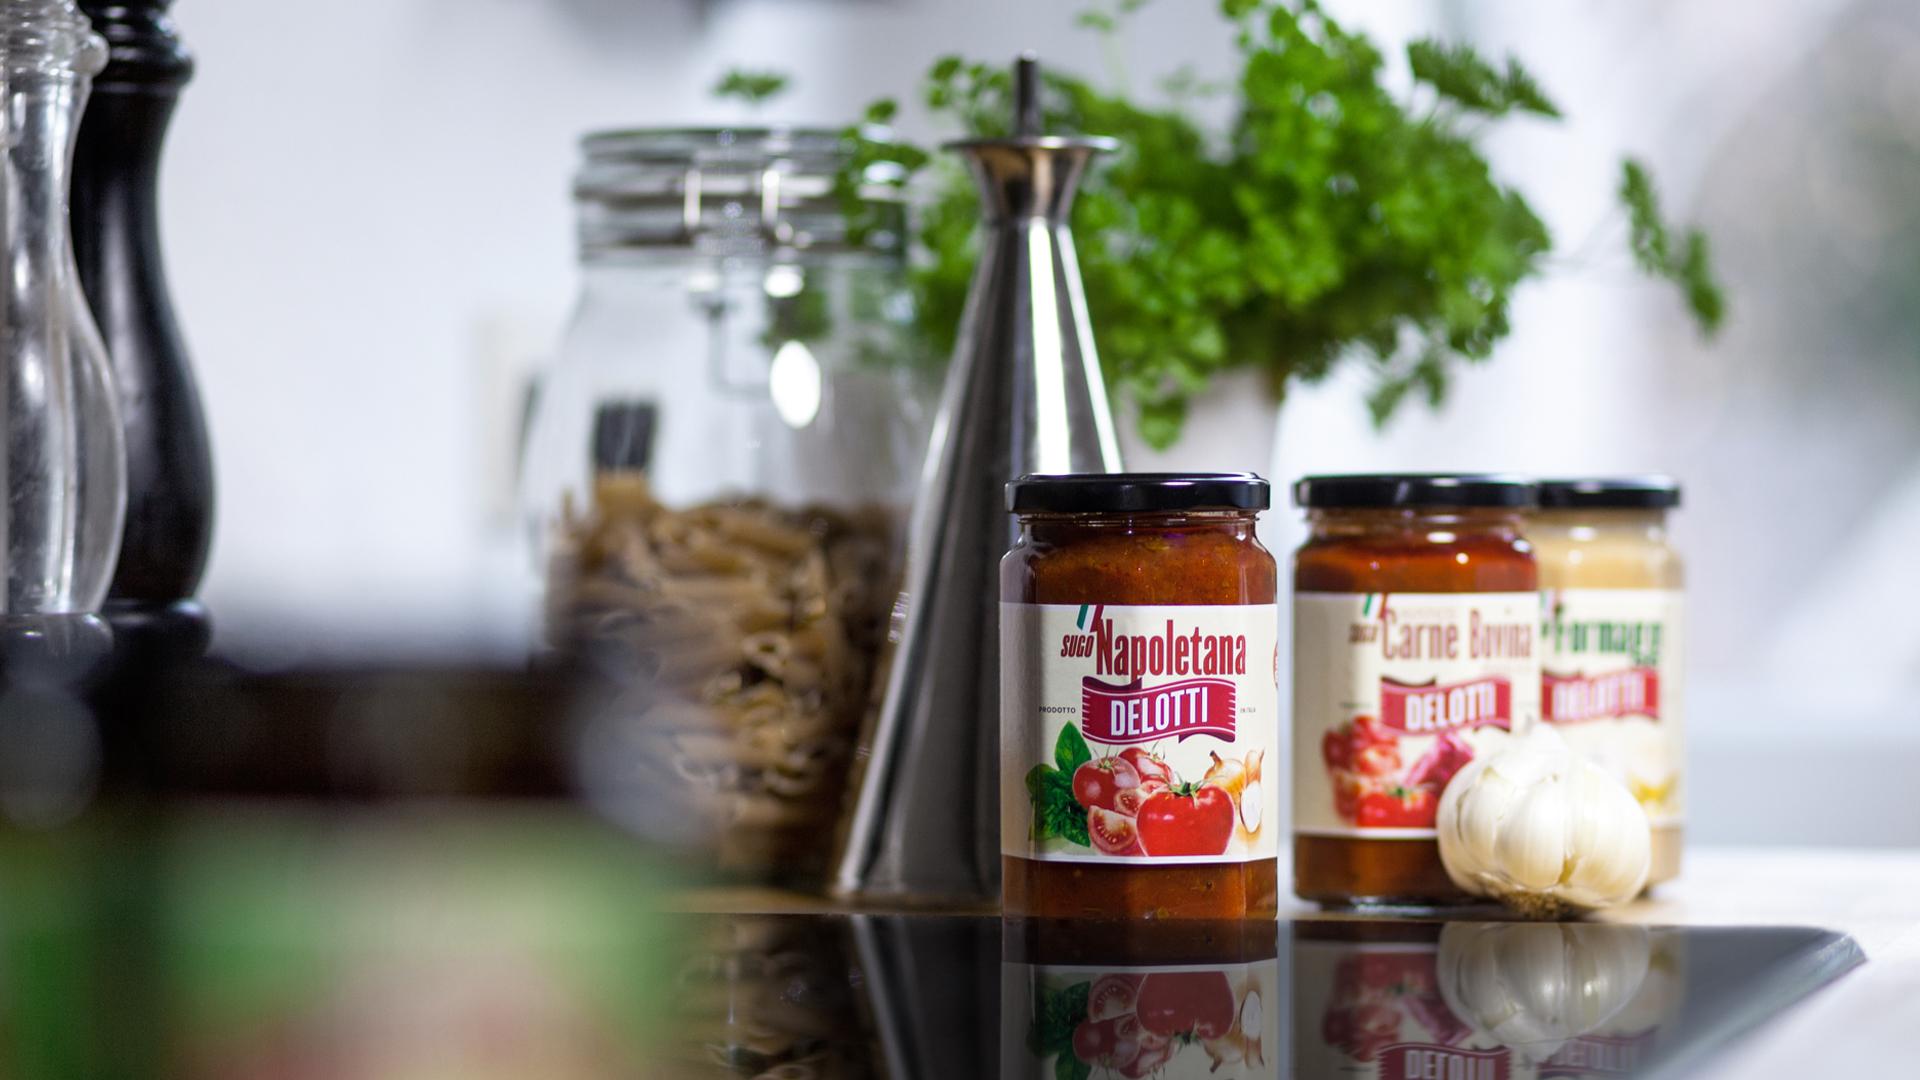 Delotti Produkte auf Küchenzeile